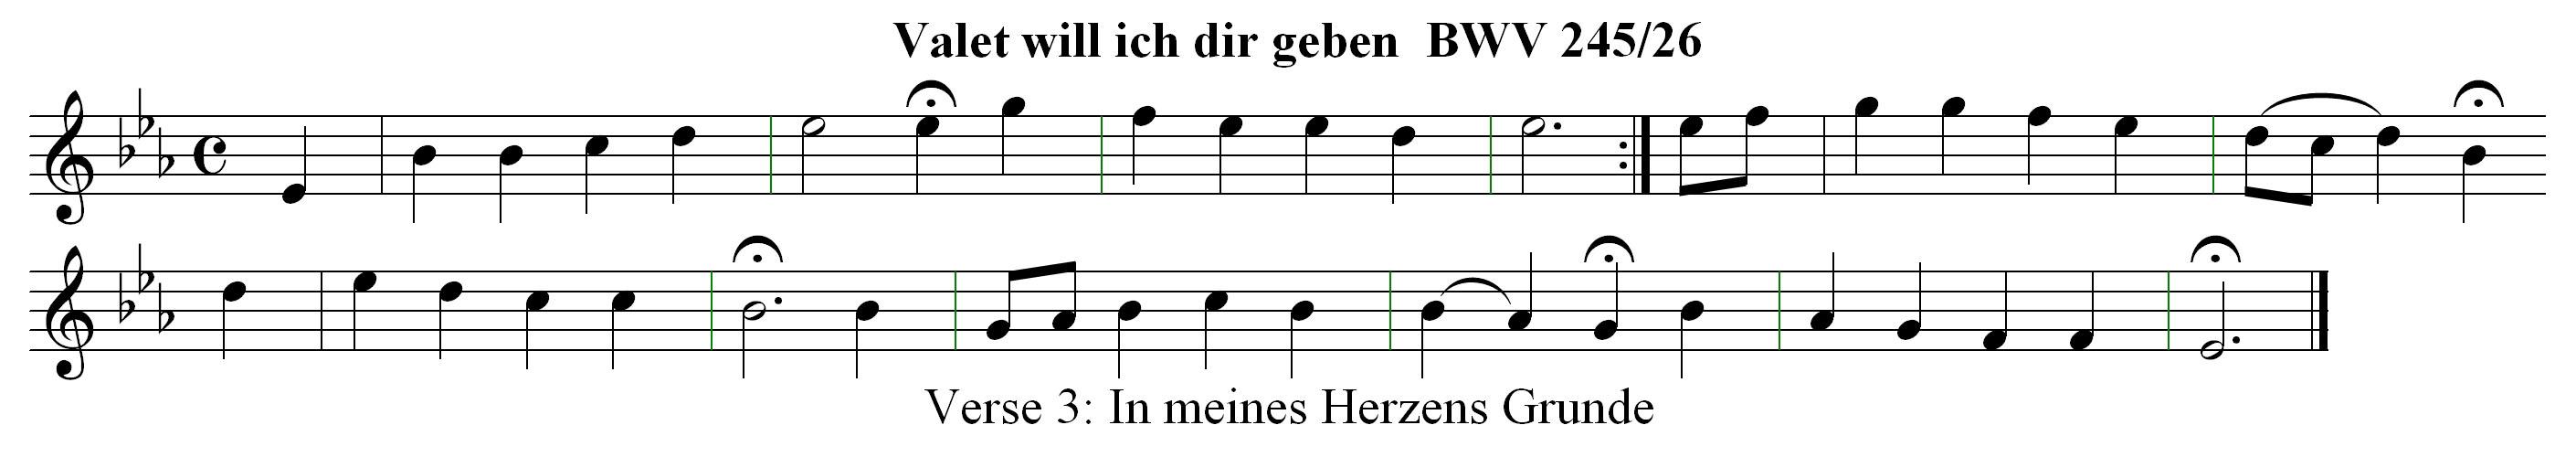 Chorale Melody: Valet will ich dir geben